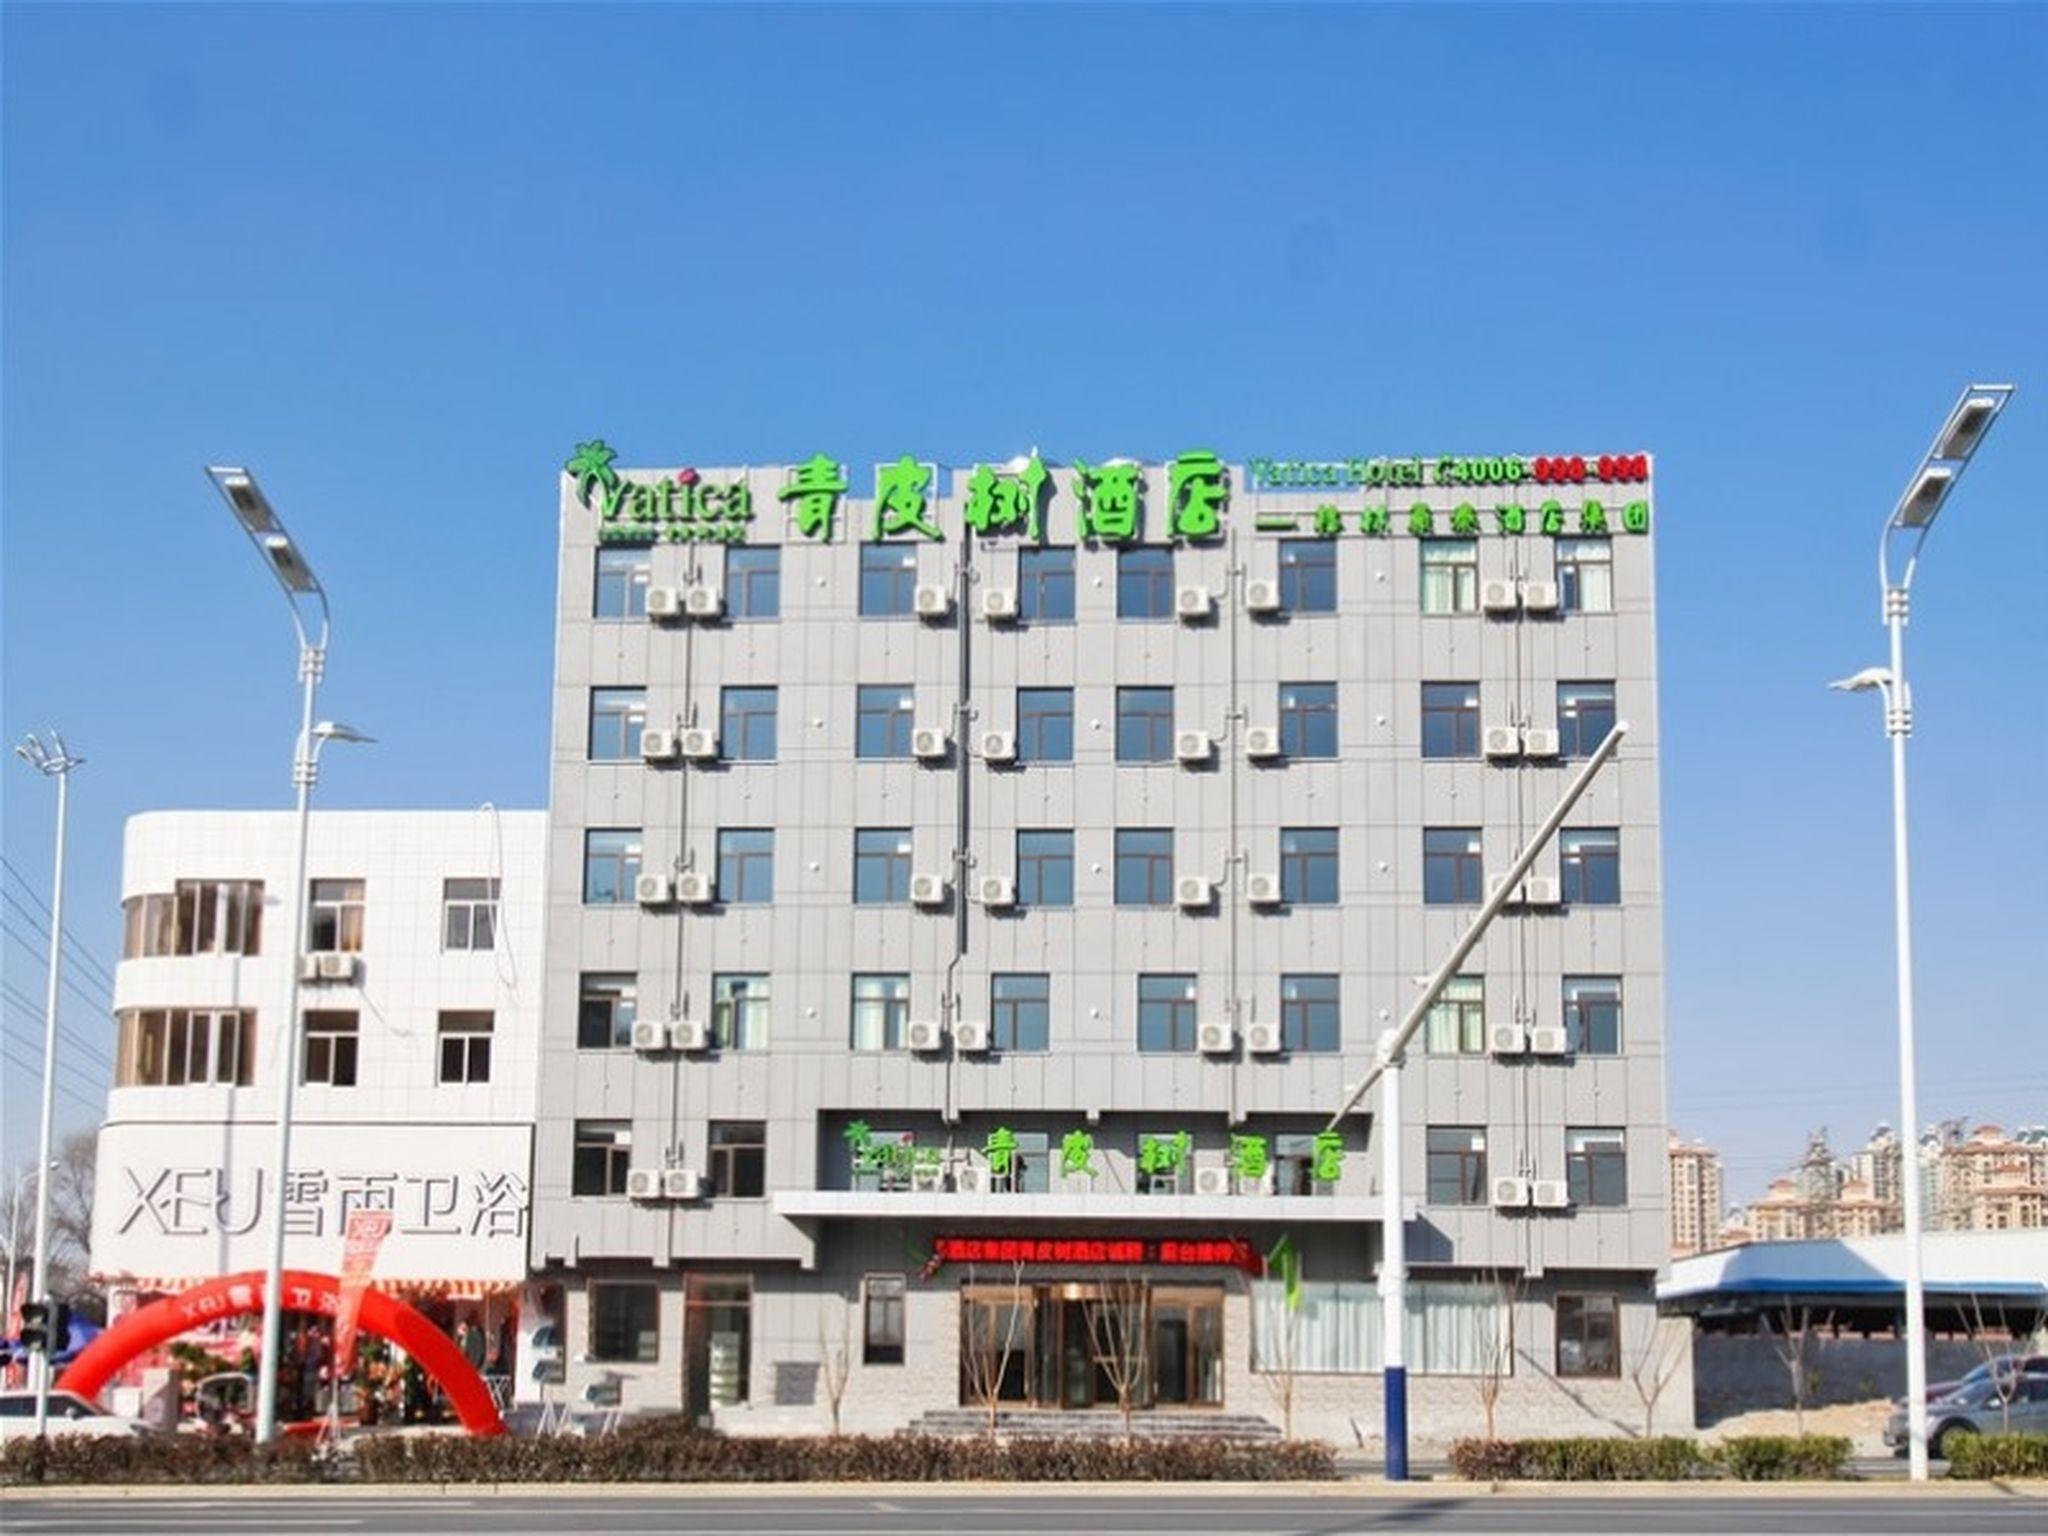 Vatica Hefei Yaohai District Wanggang Road Metro Station